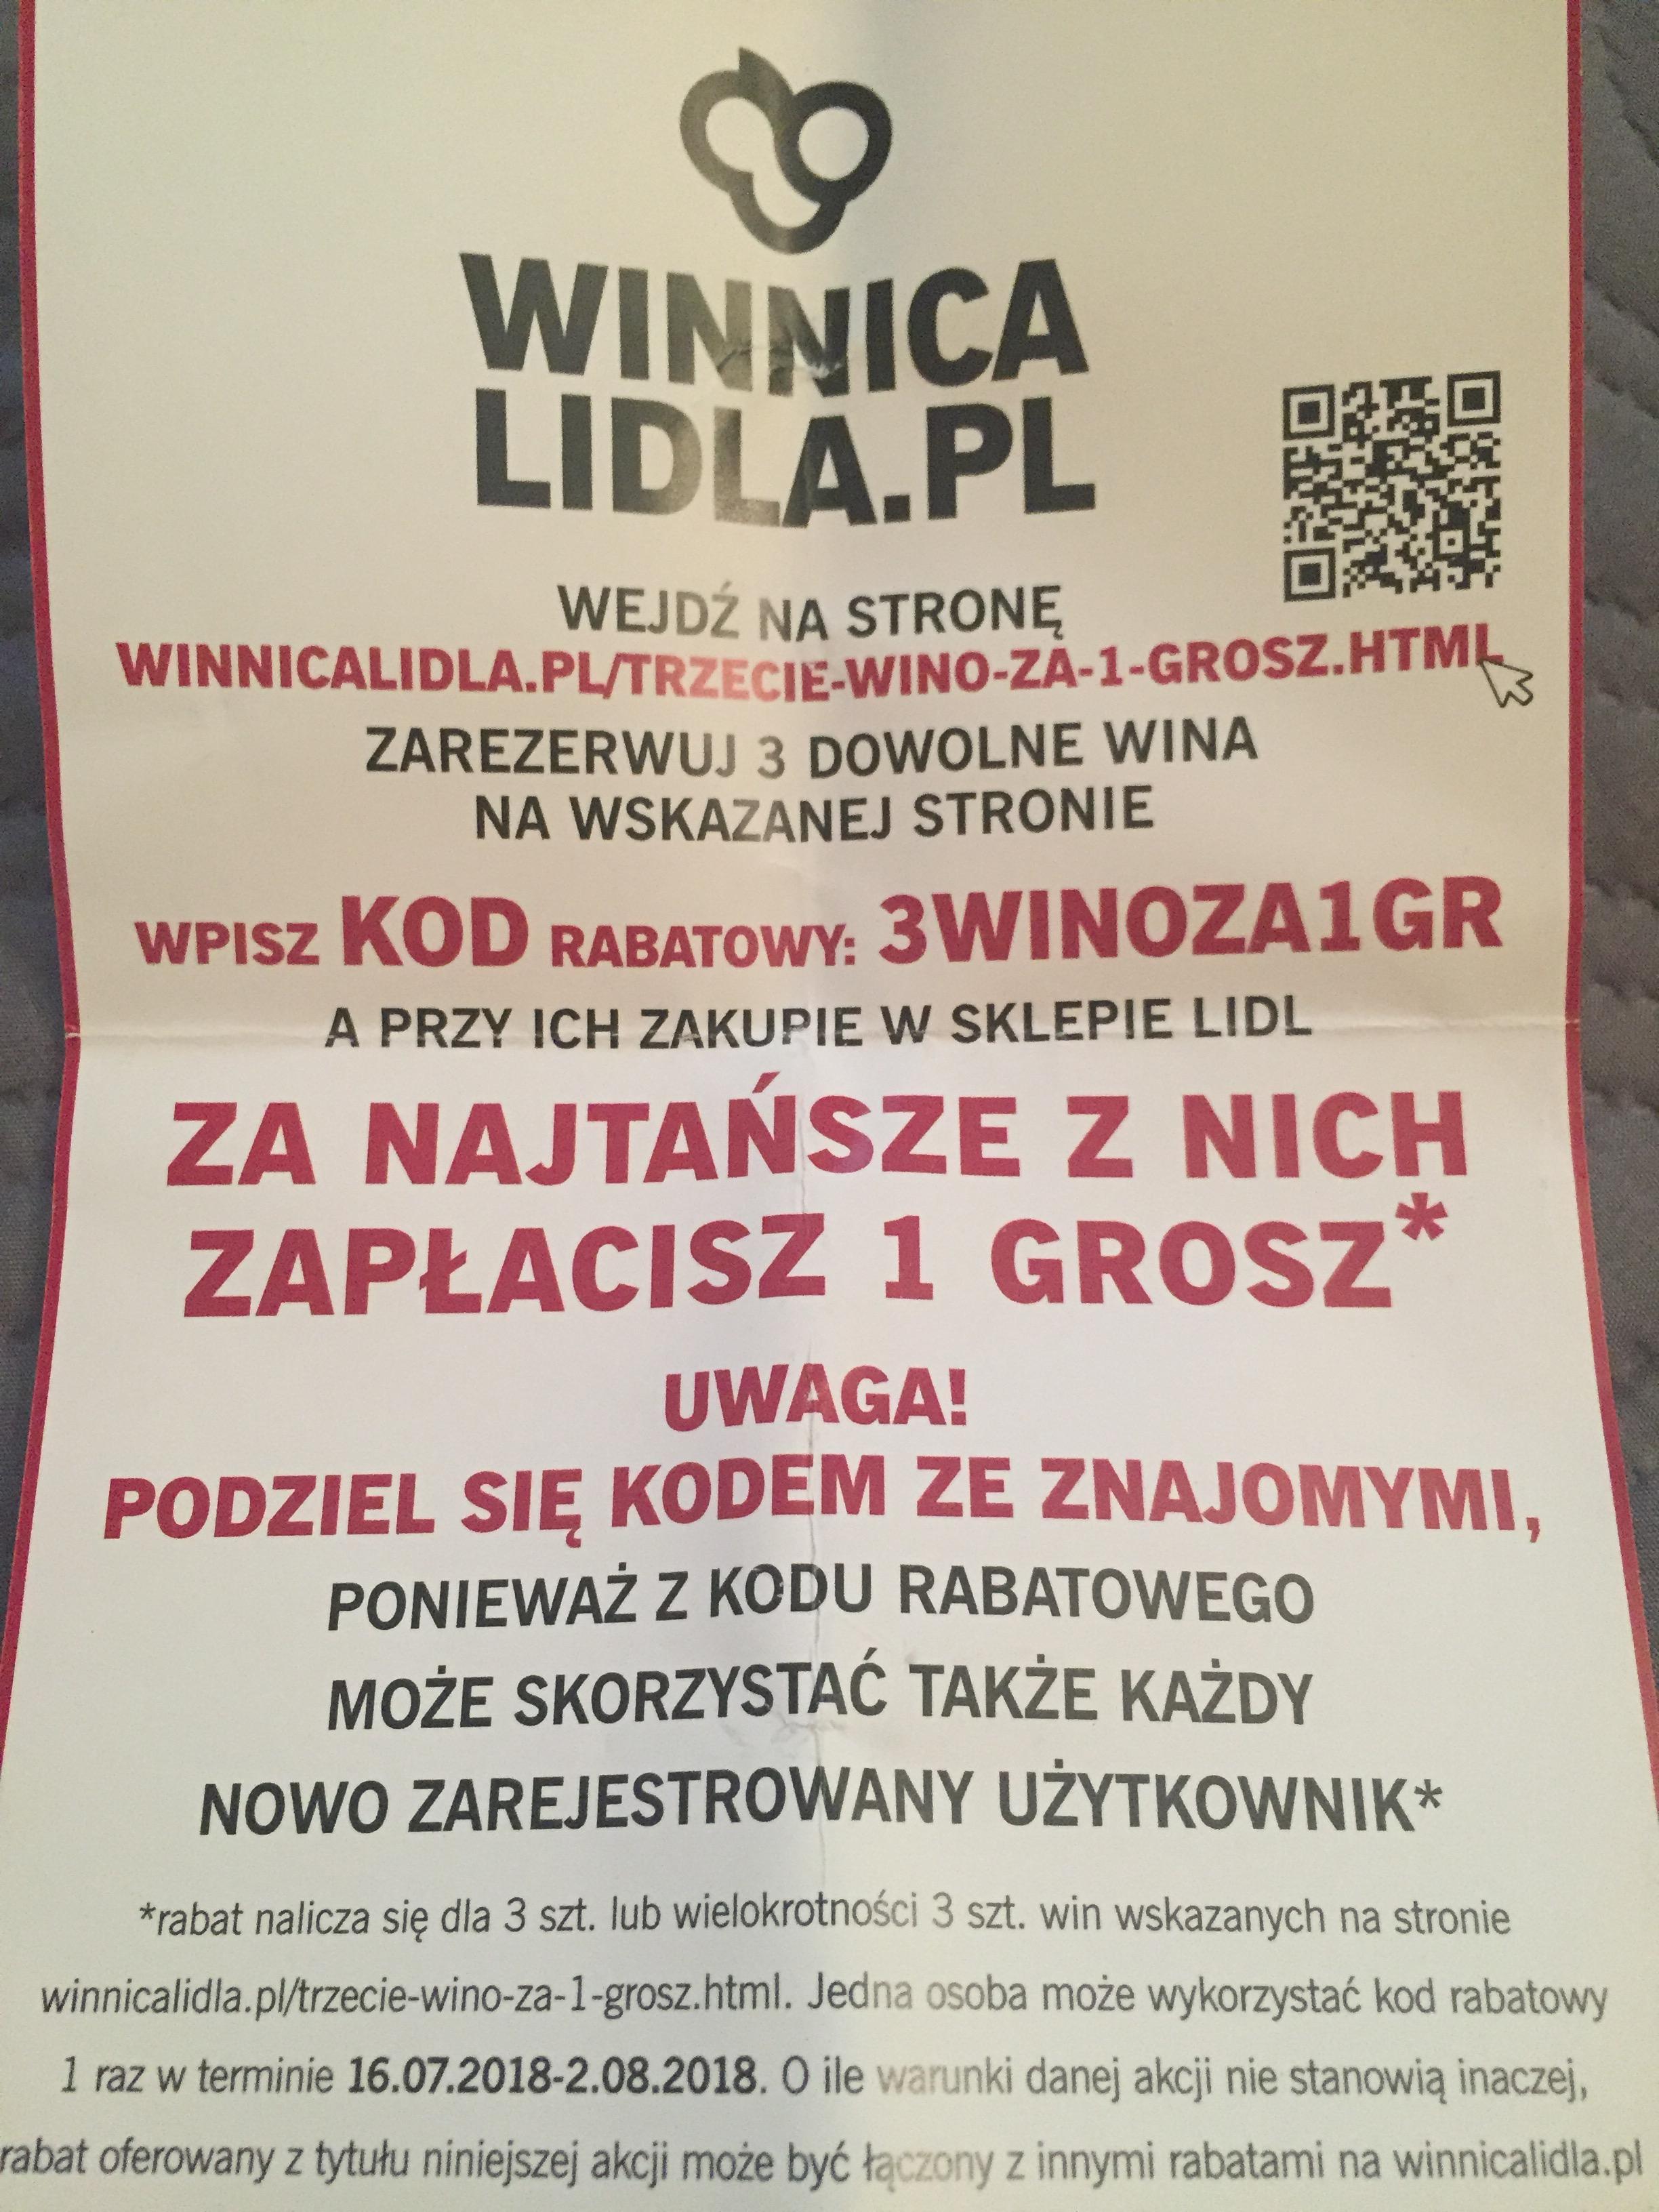 Winnica Lidla: Przy zakupie dwóch win trzecie wino za 1gr